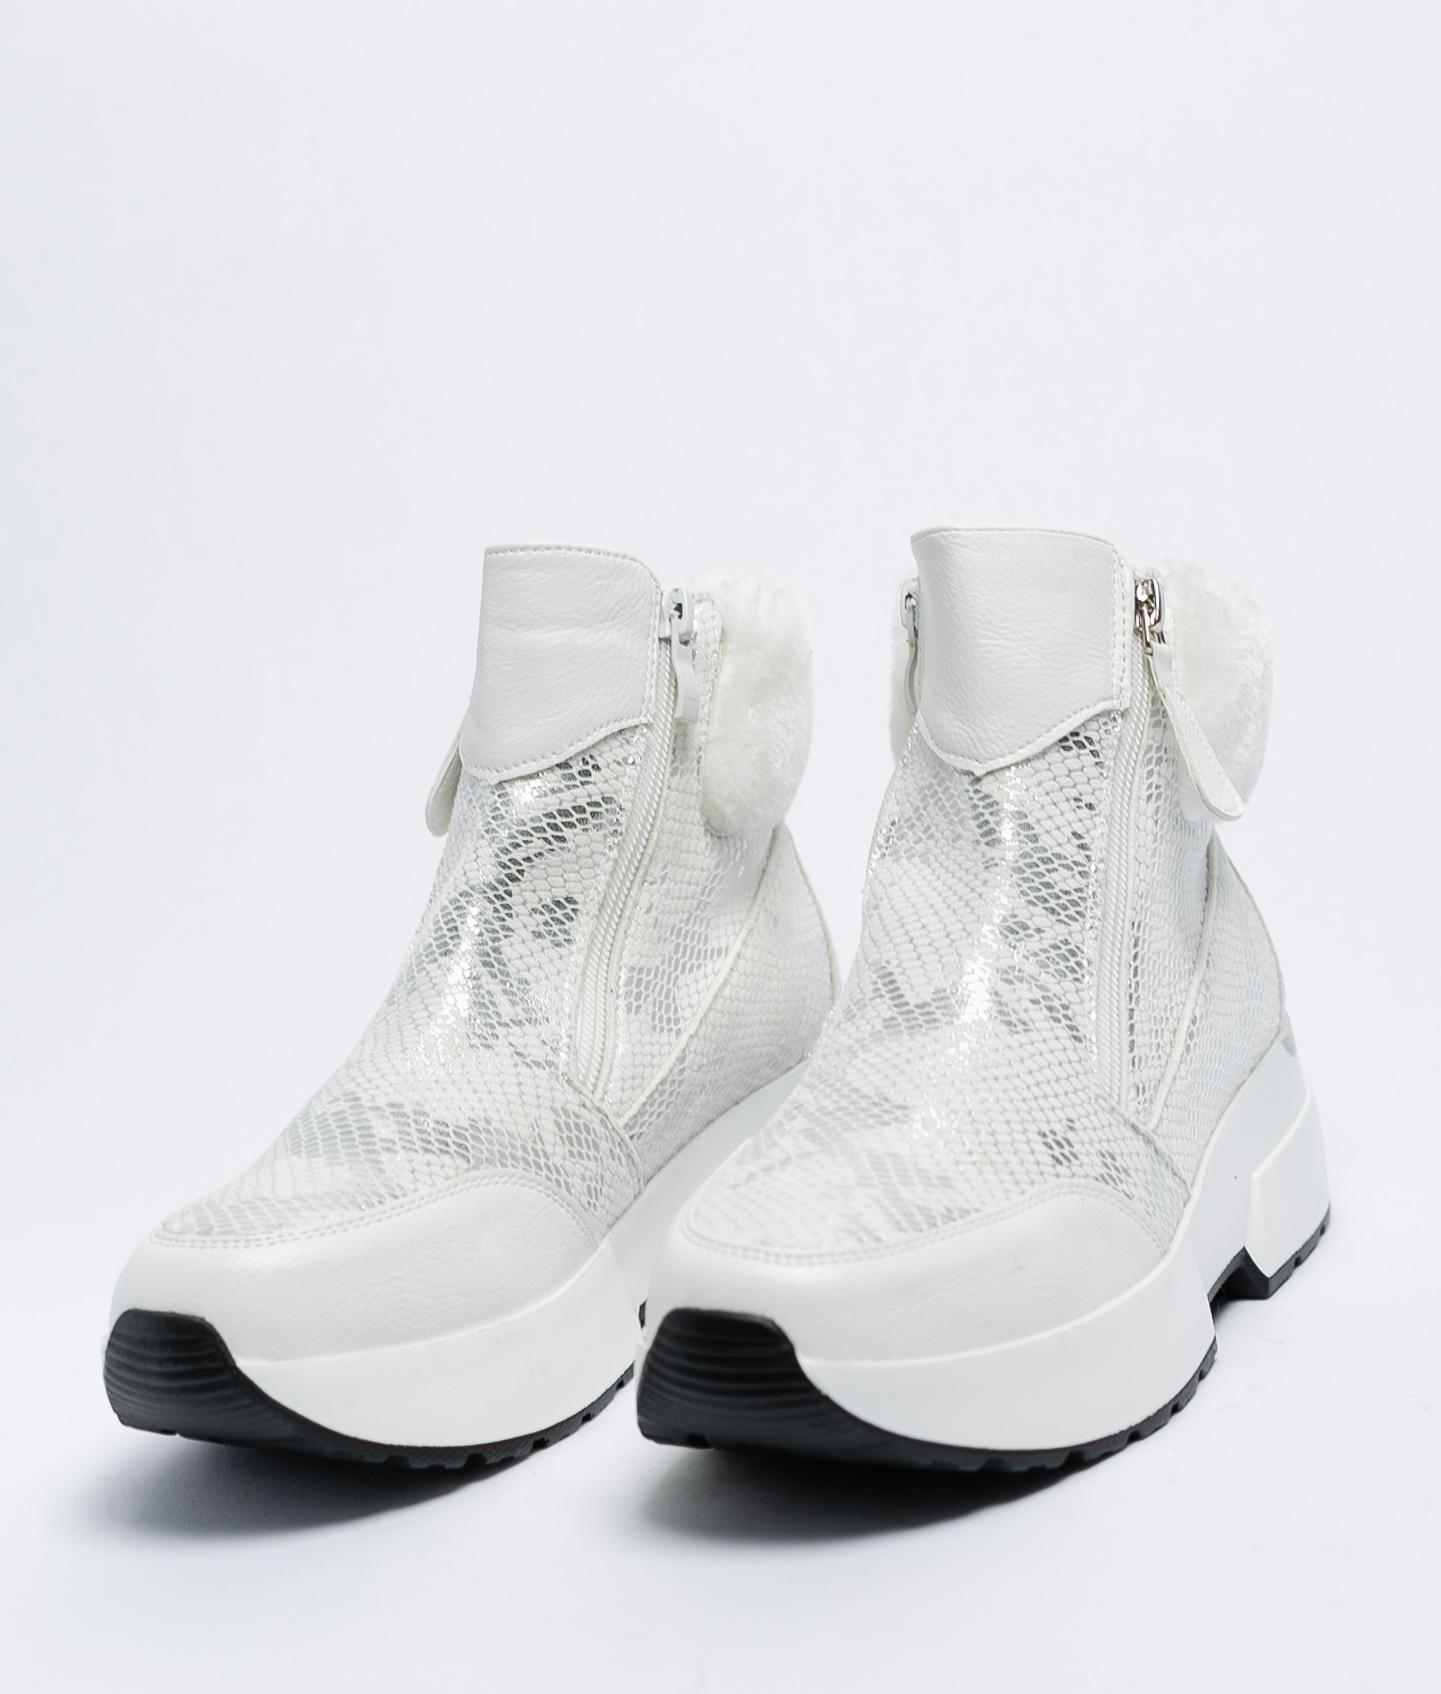 Botas bajas Yiya - Blanco